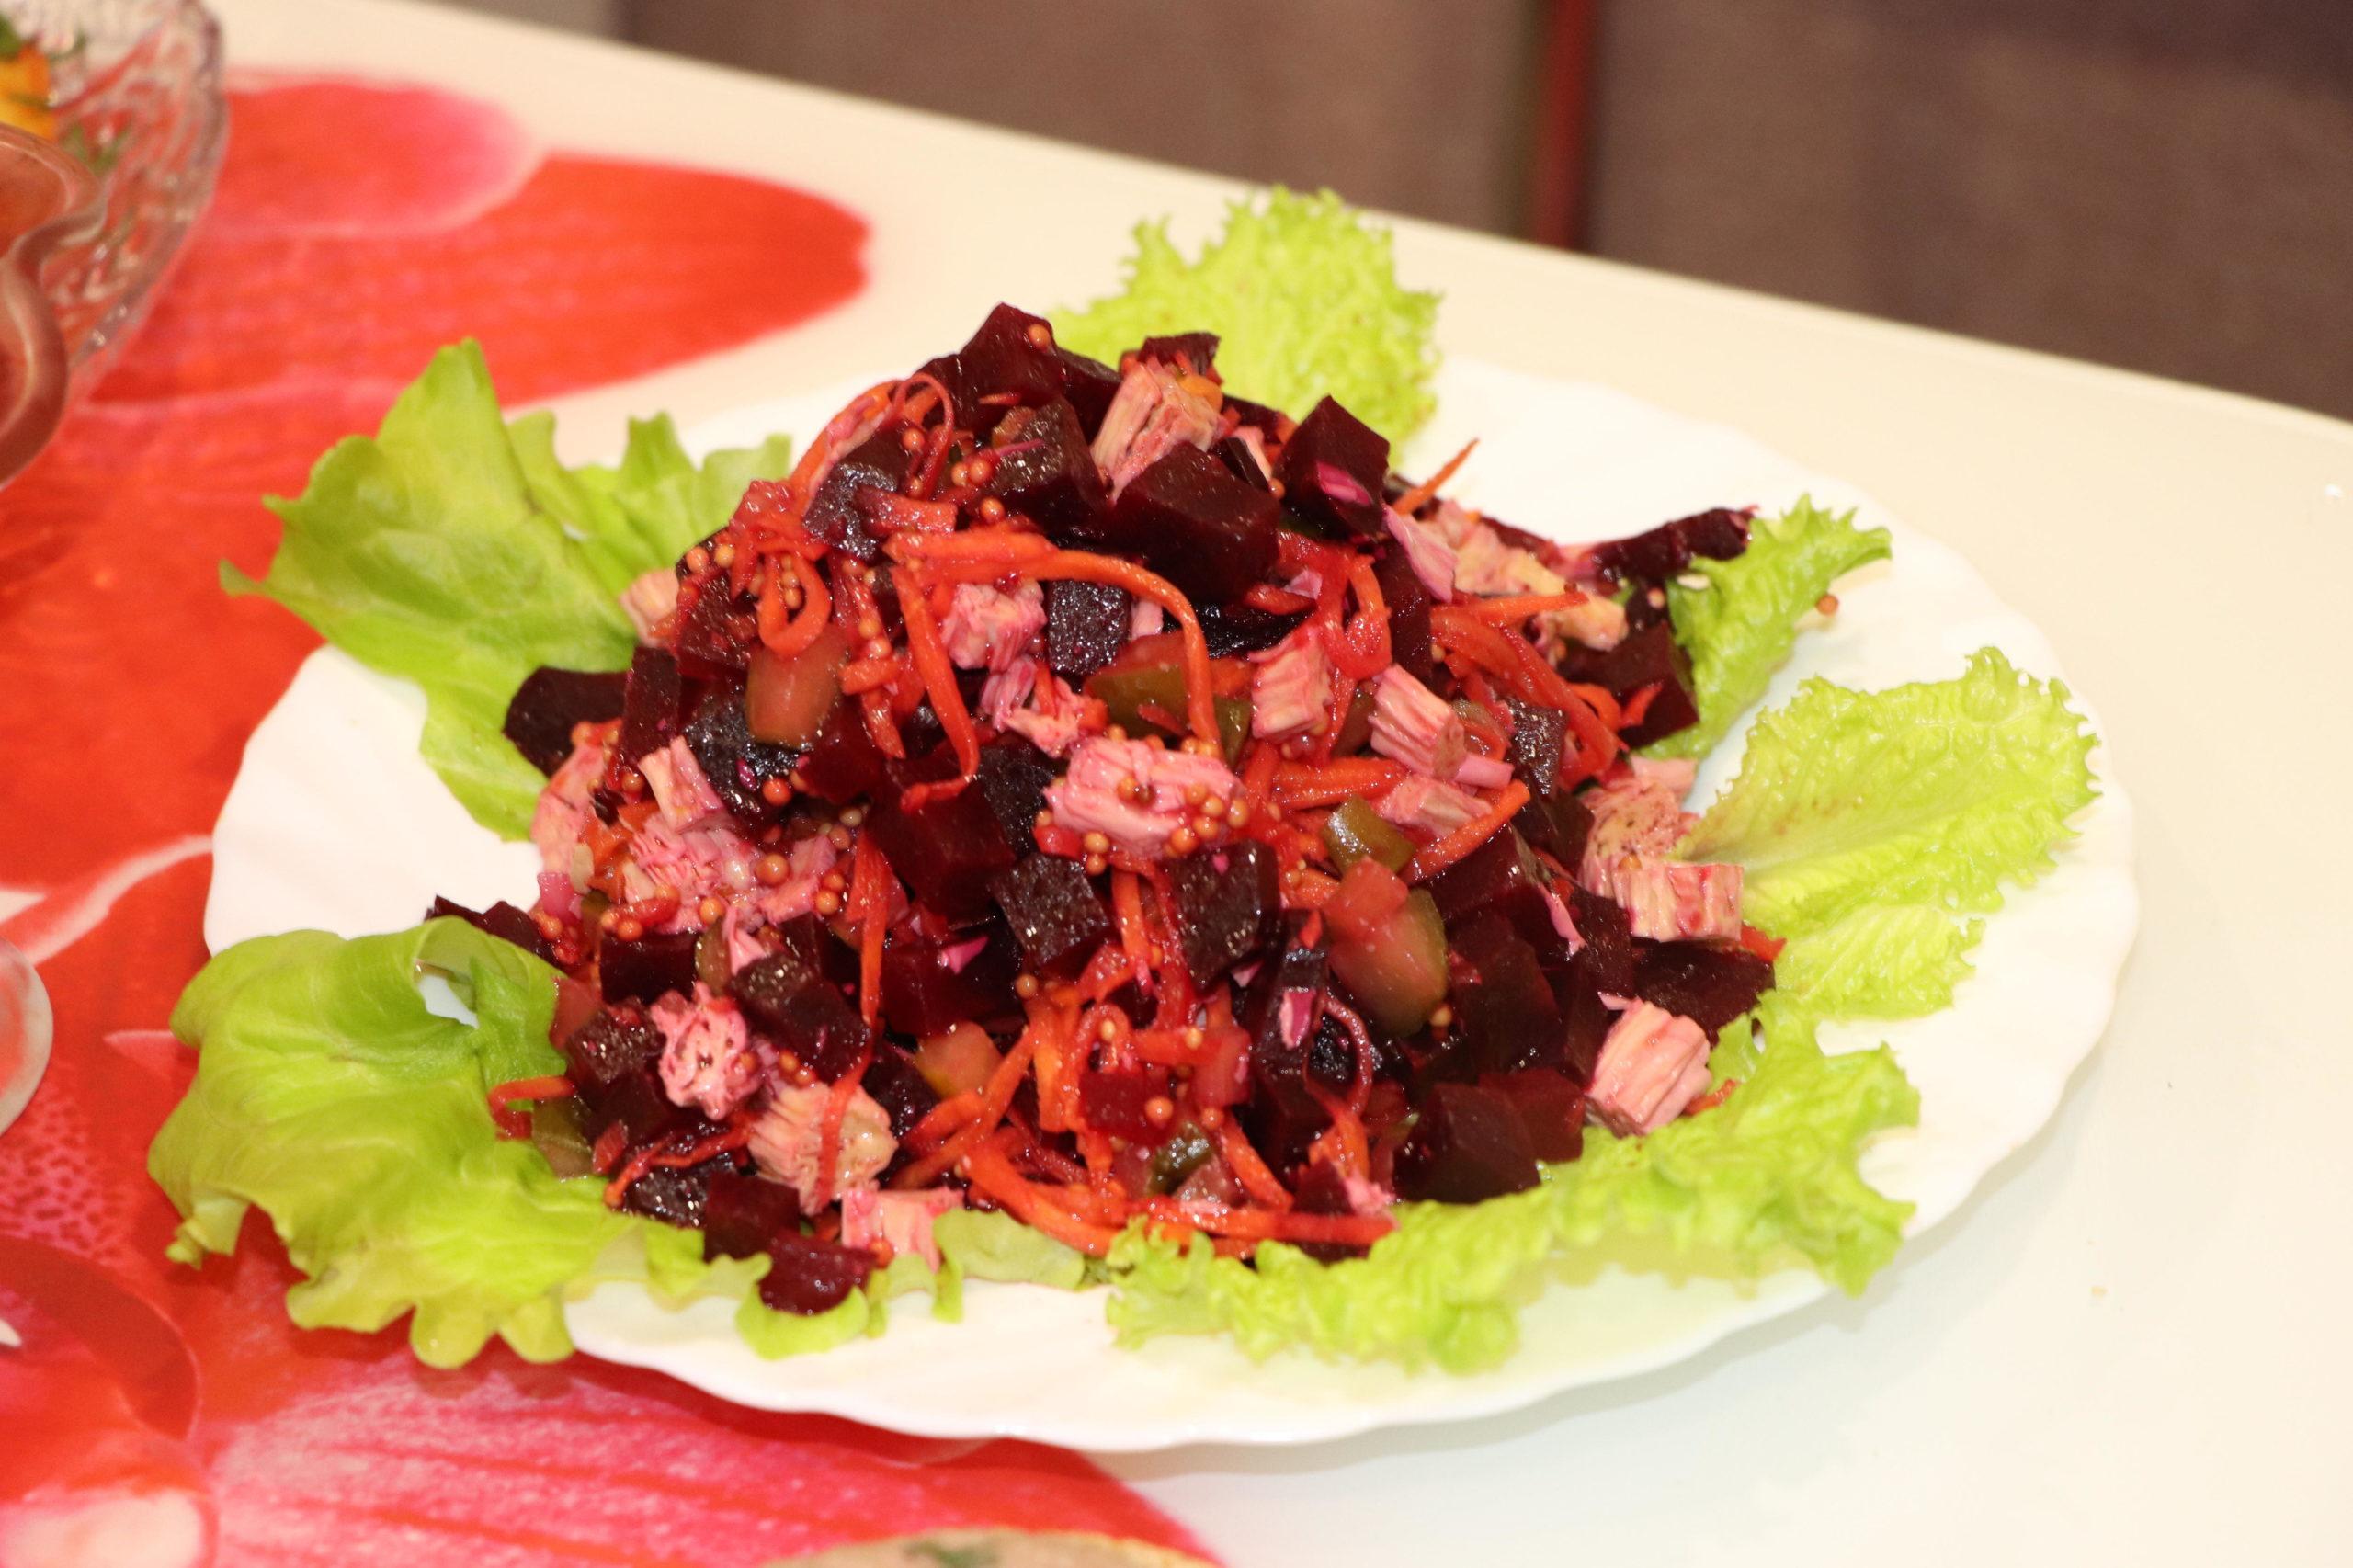 тоже диетические салаты со свеклой рецепты с фото почистить, раздавить плоской